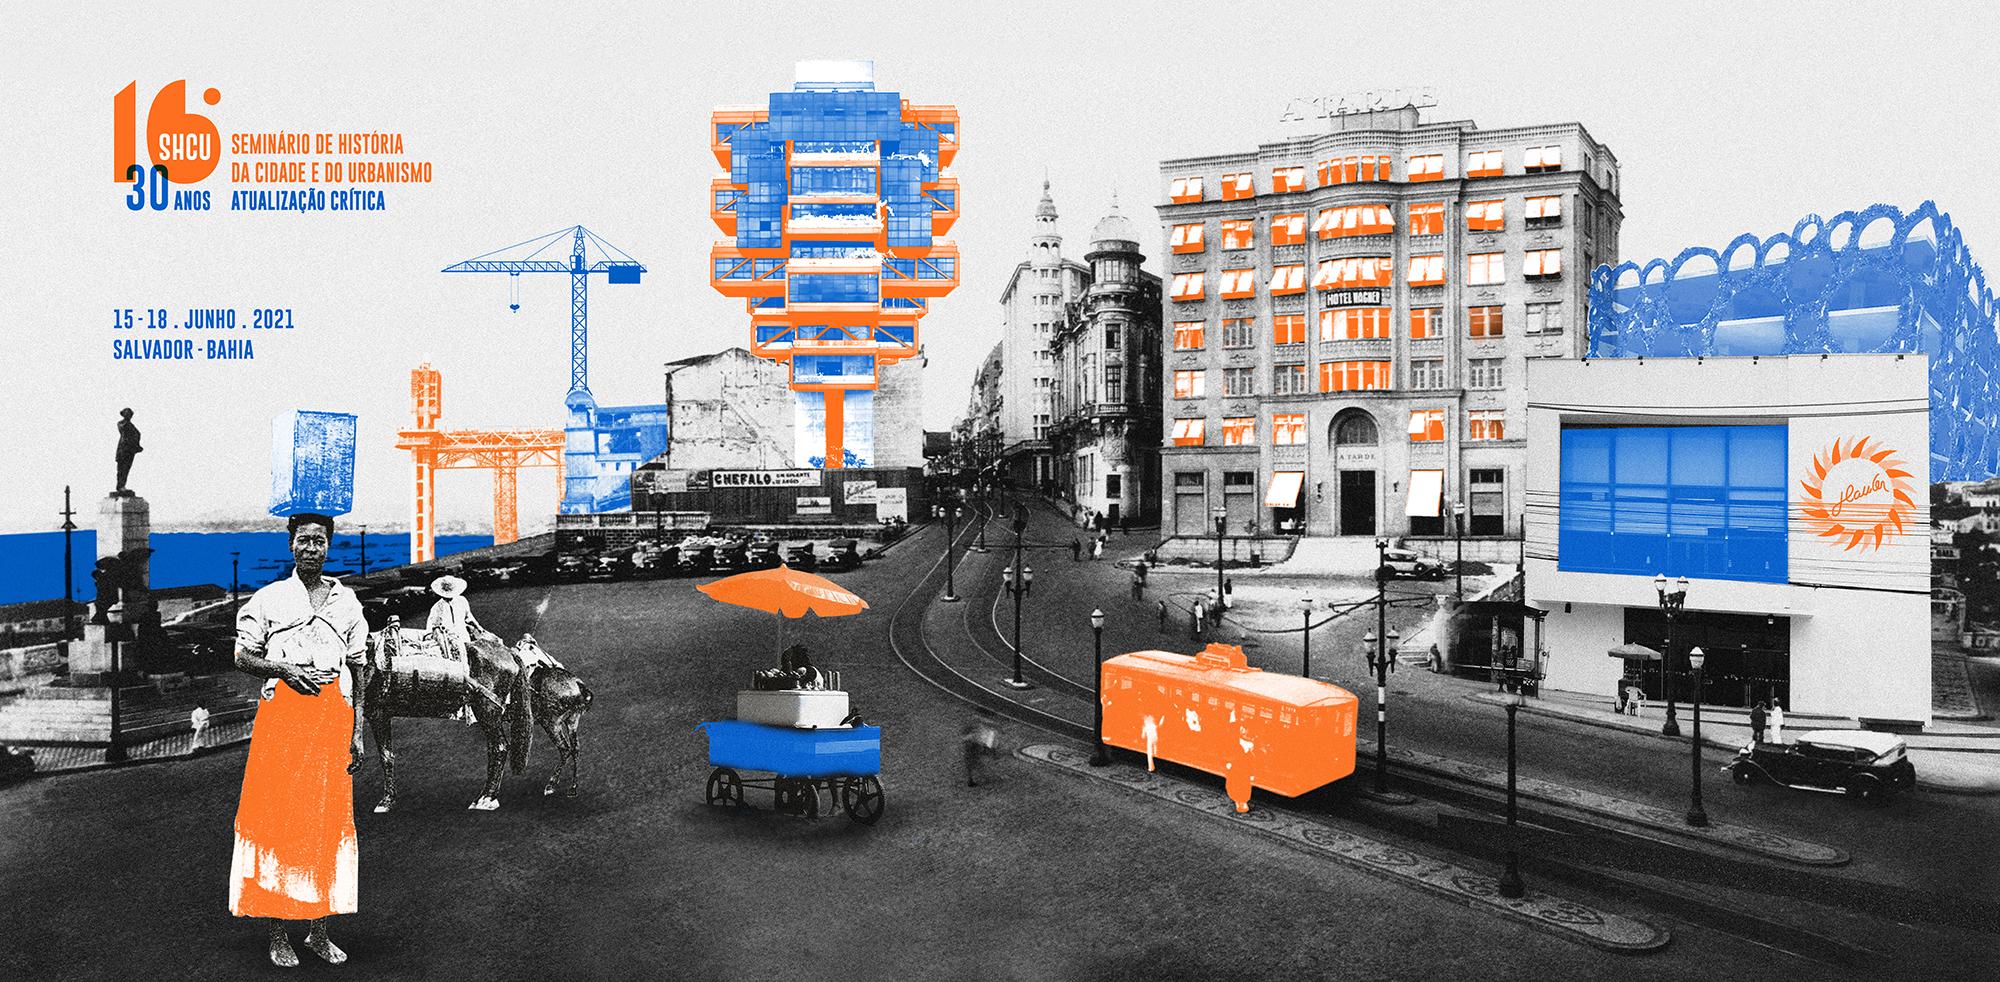 16º Seminário de História da Cidade e do Urbanismo